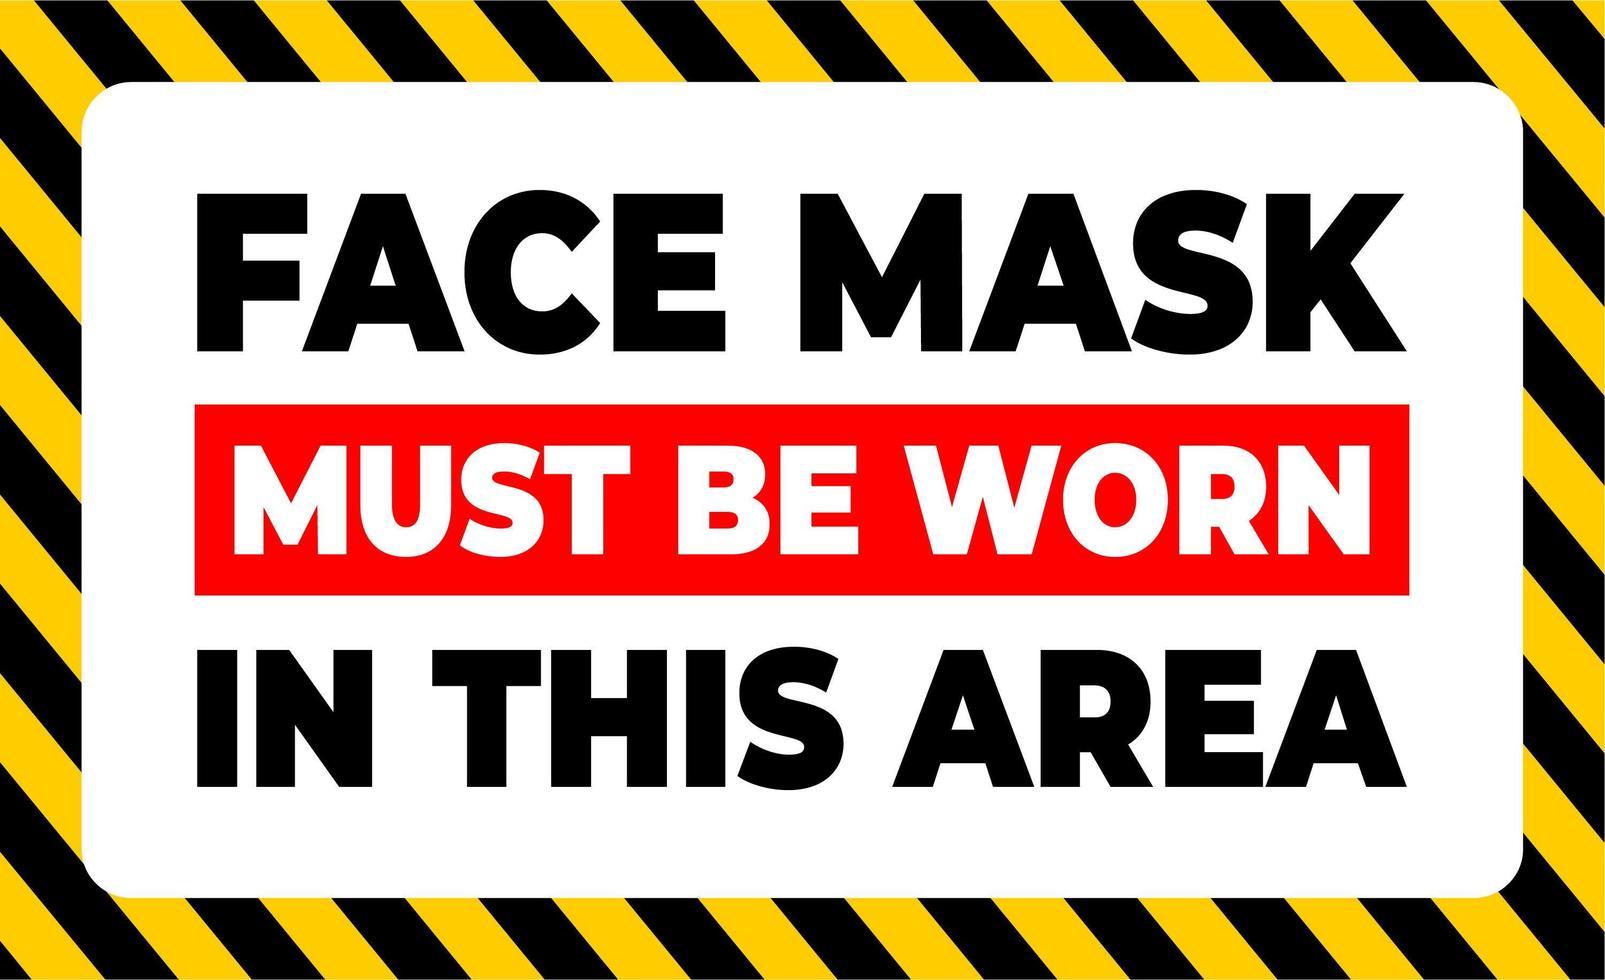 in dit gebied moet een gezichtsmasker worden gedragen vector